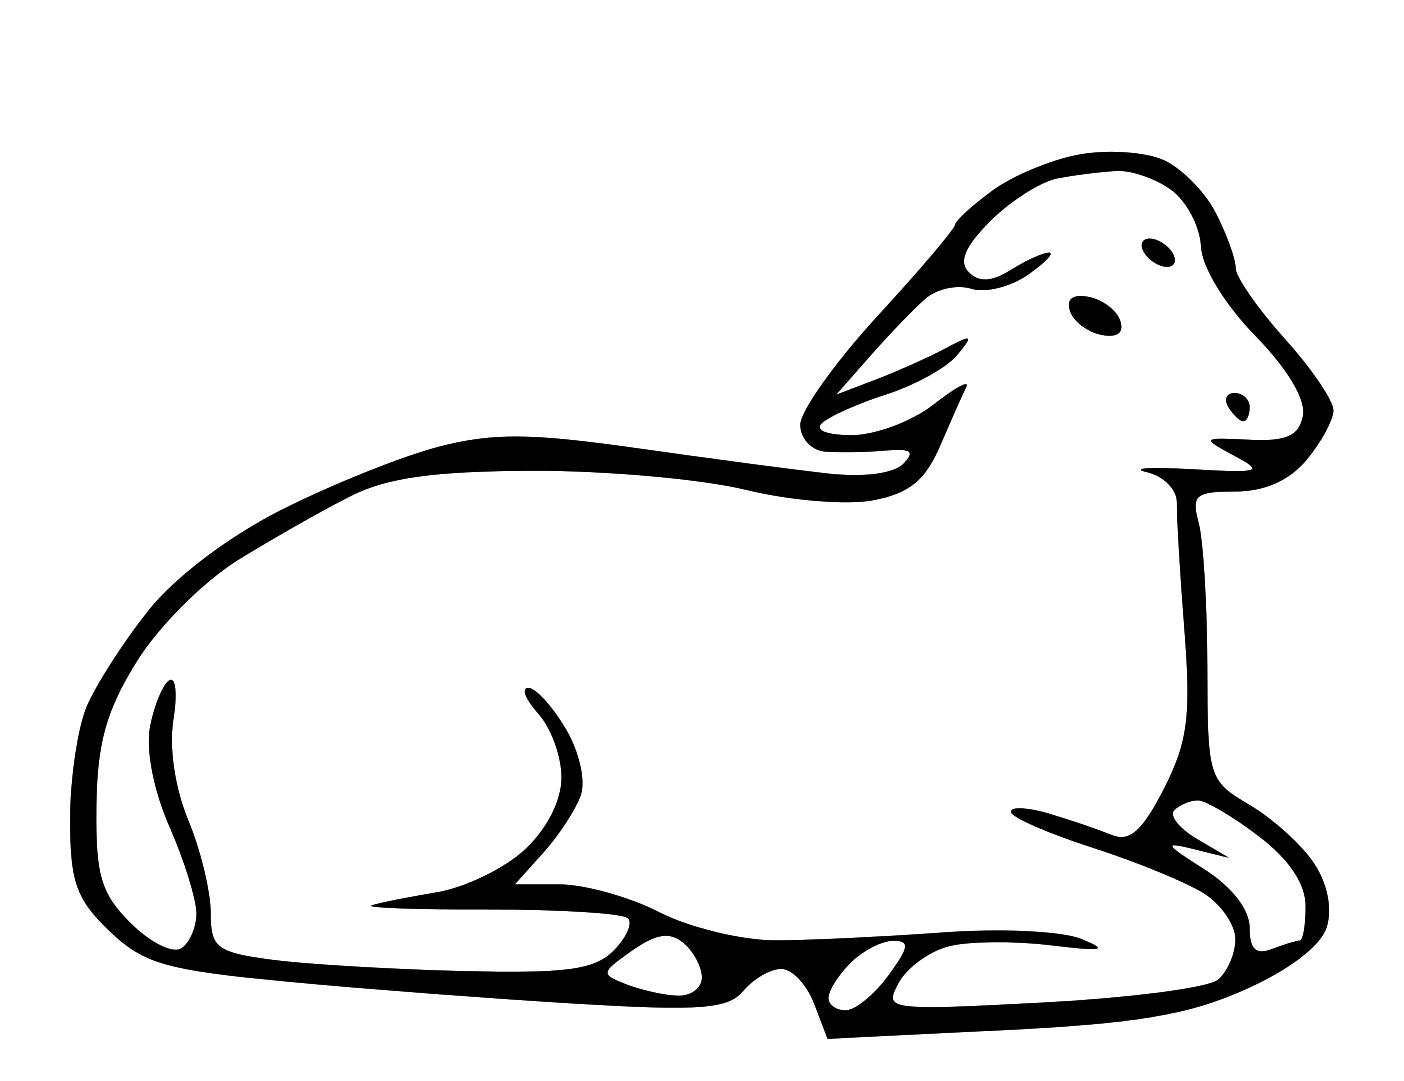 1404x1081 Lds Clipart Lamb Clip Art Free Clipart Images Image